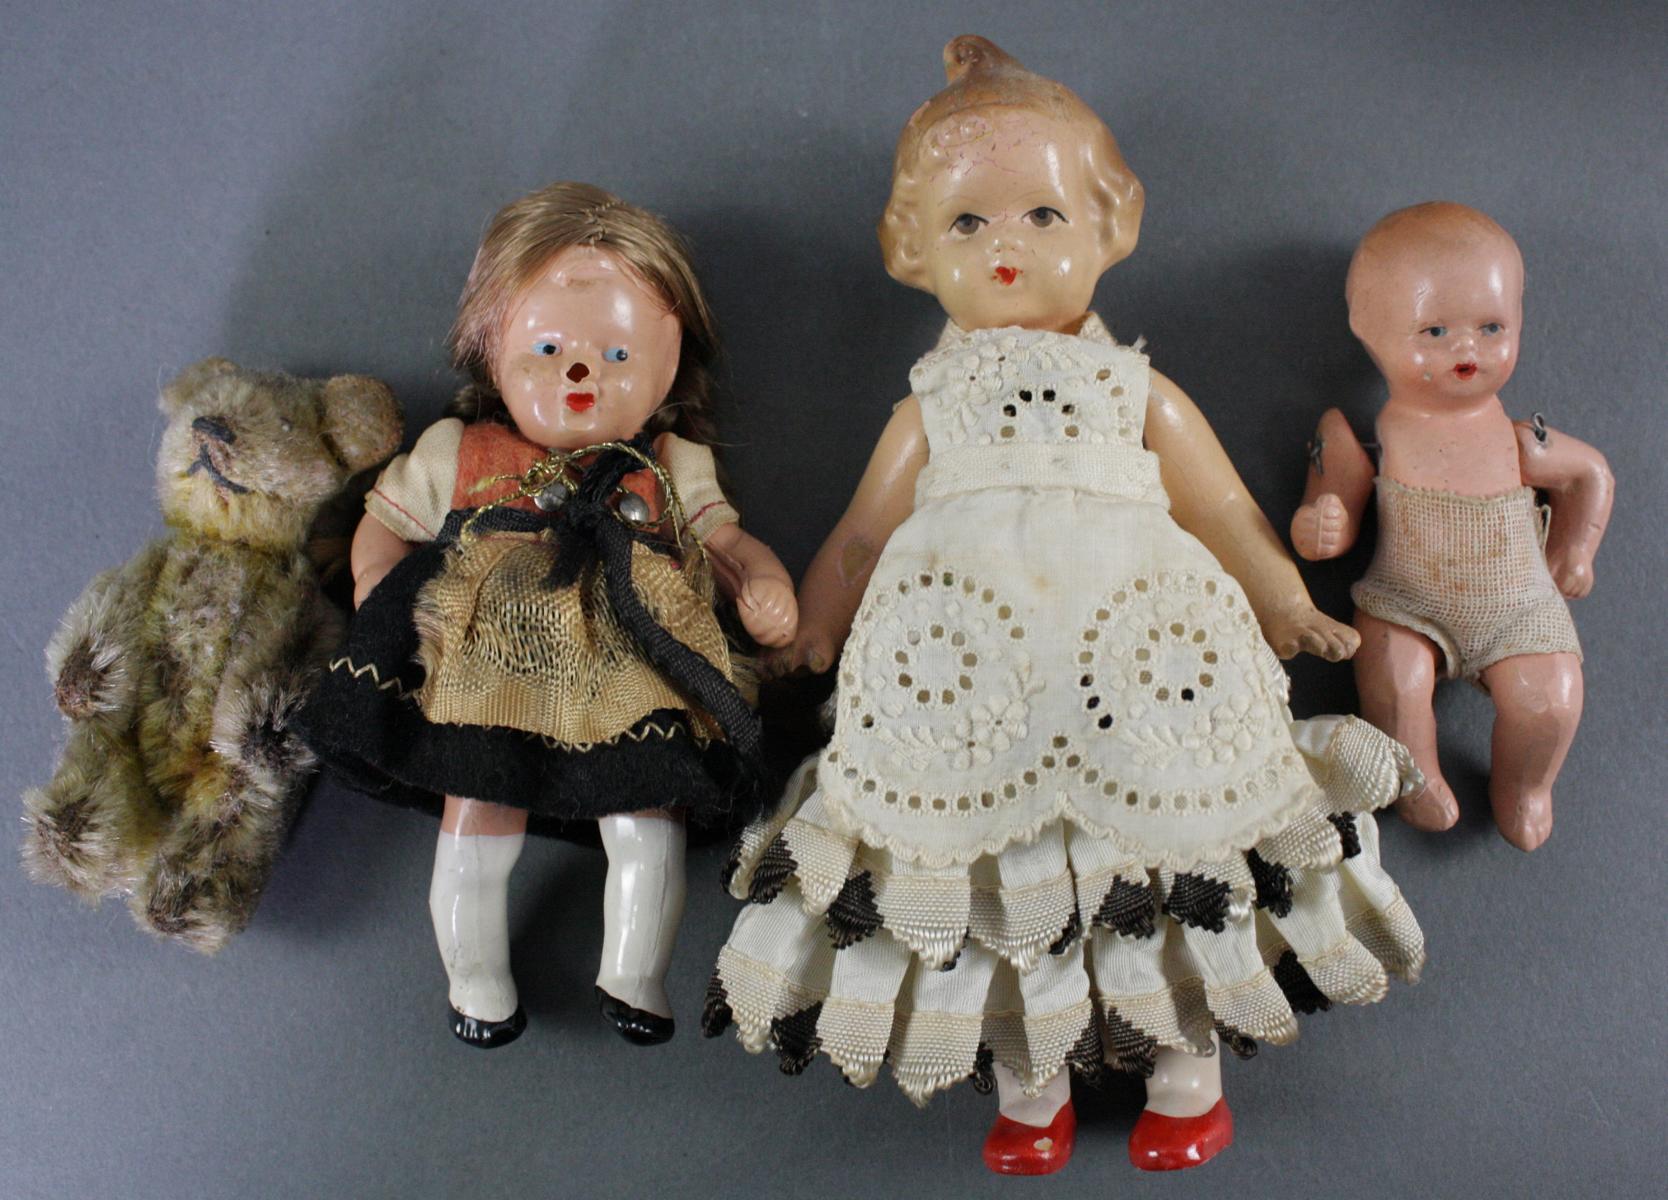 12 sehr alte Puppen, 1. Hälfte 20. Jahrhundert oder älter-6